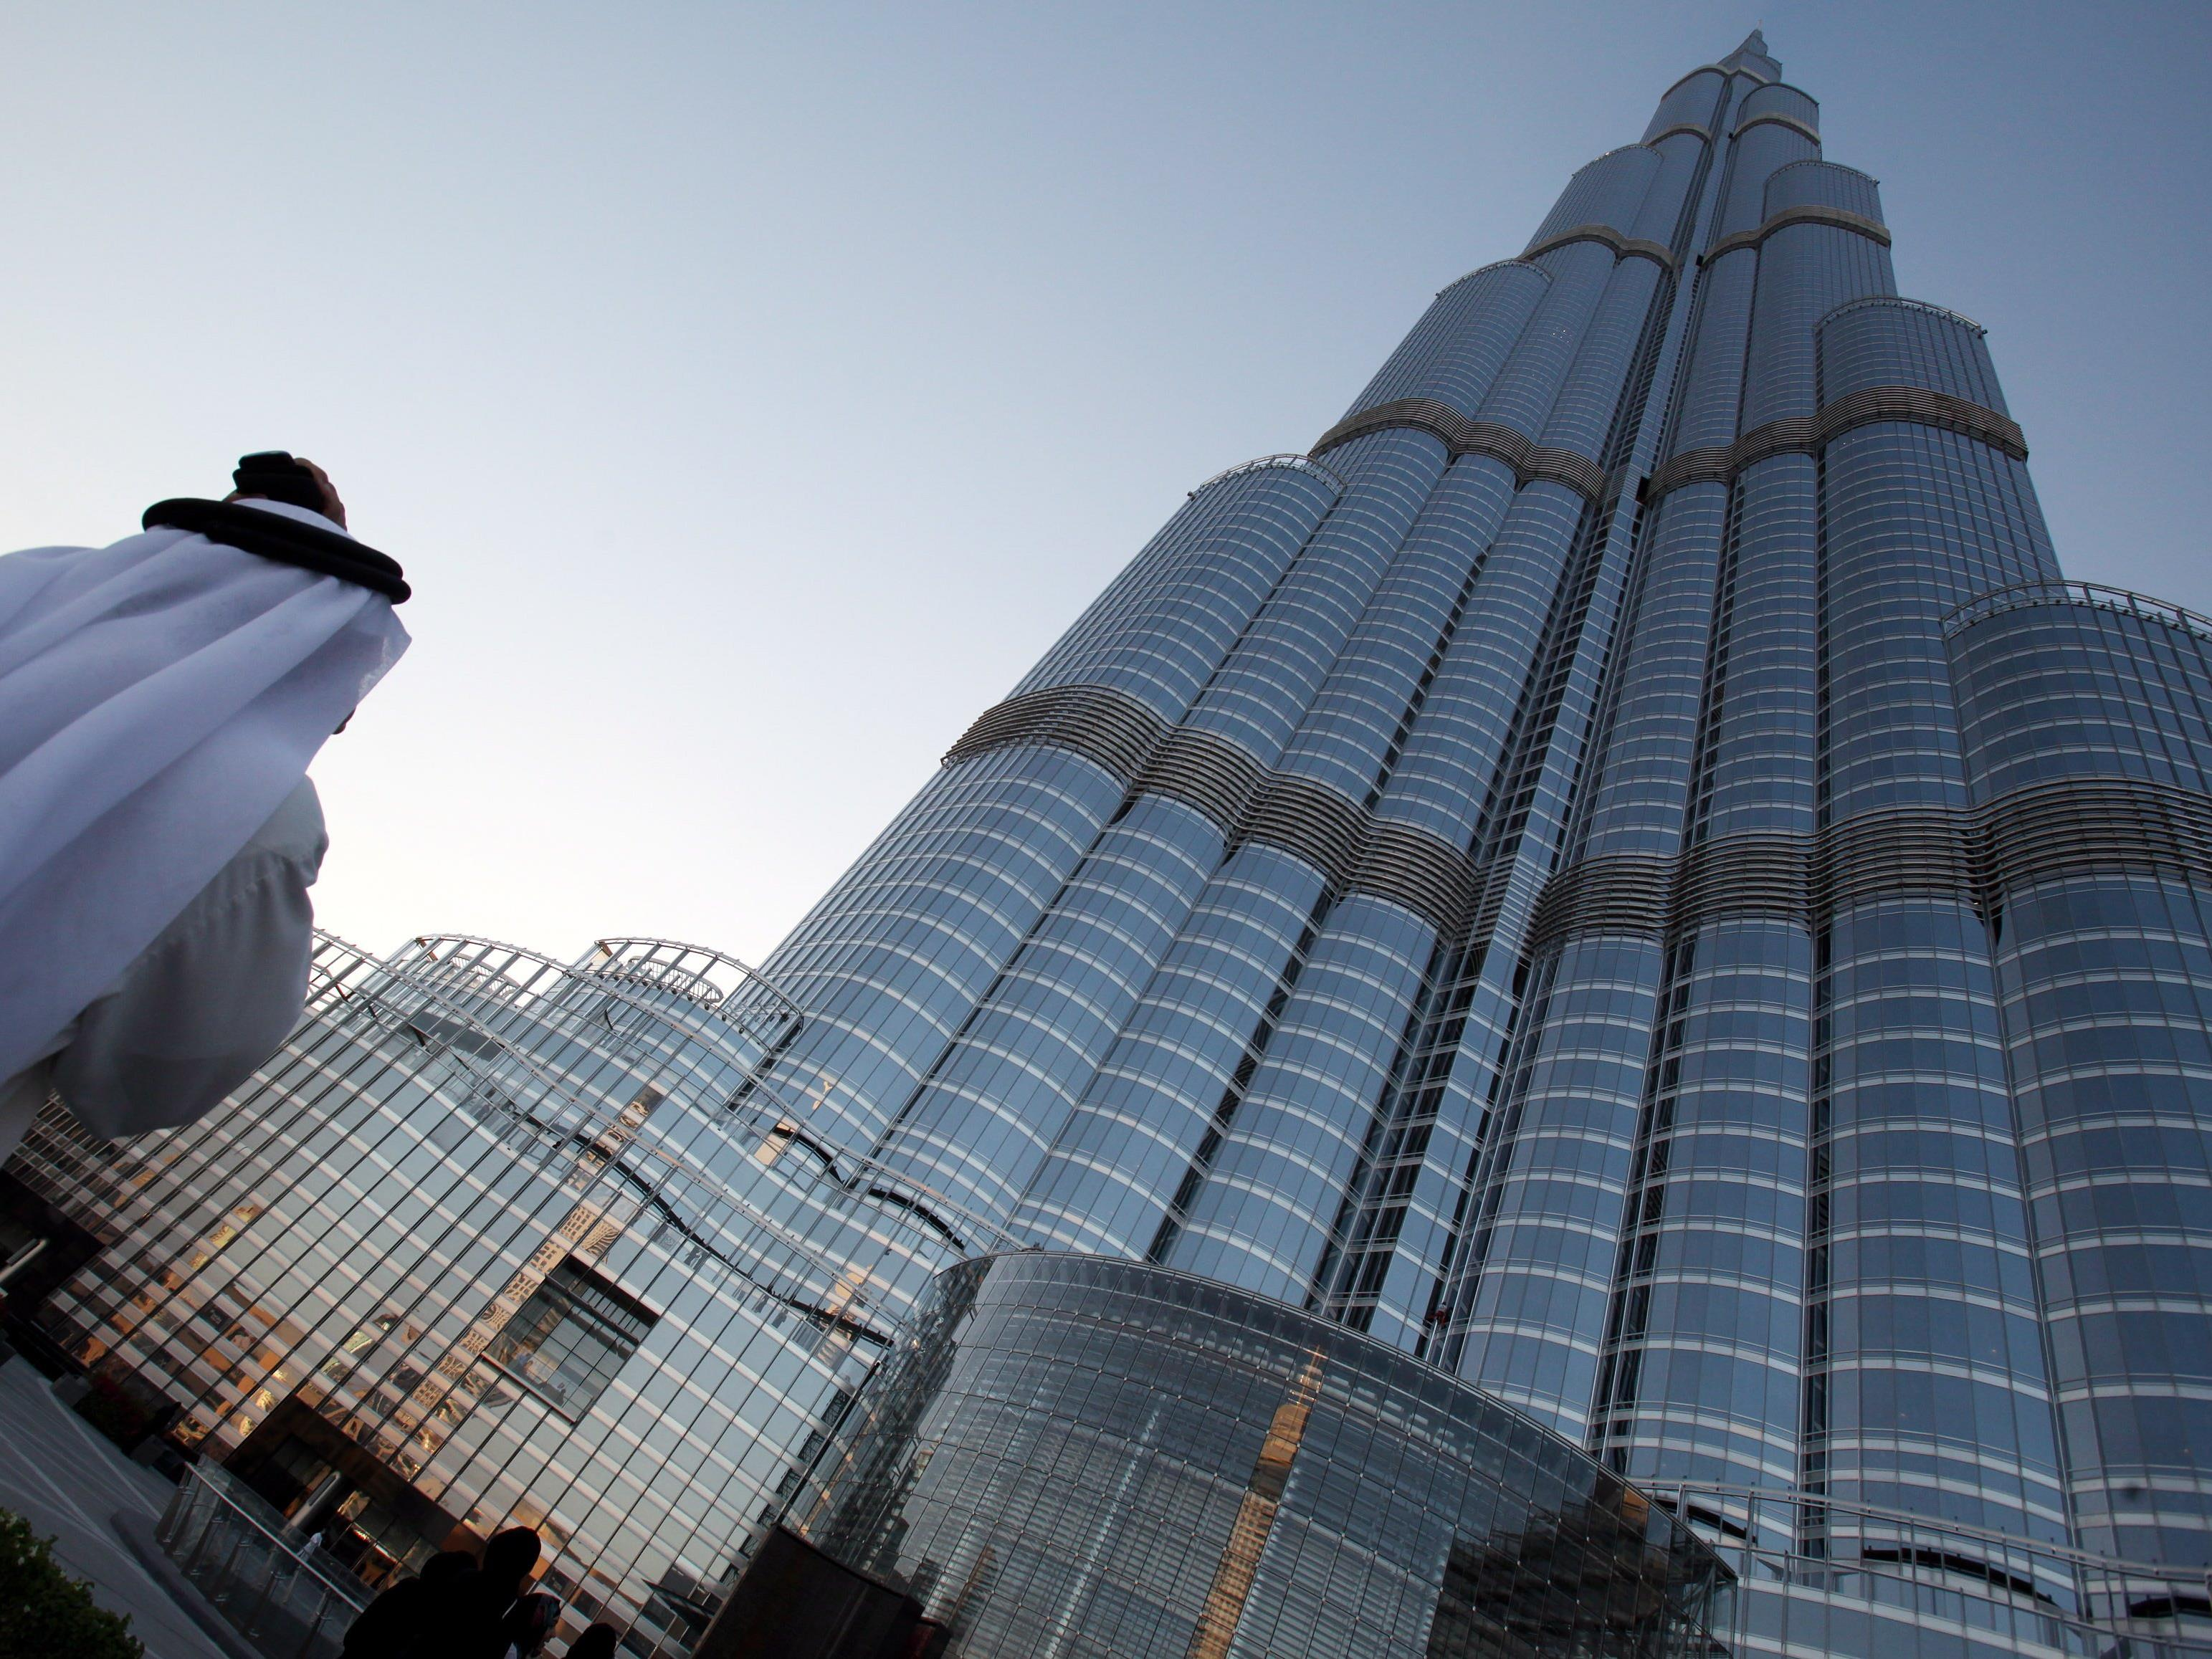 Dubai bringt immer wieder neue Luxus-Hotels hervor - Im Bild der Burj Khalifa